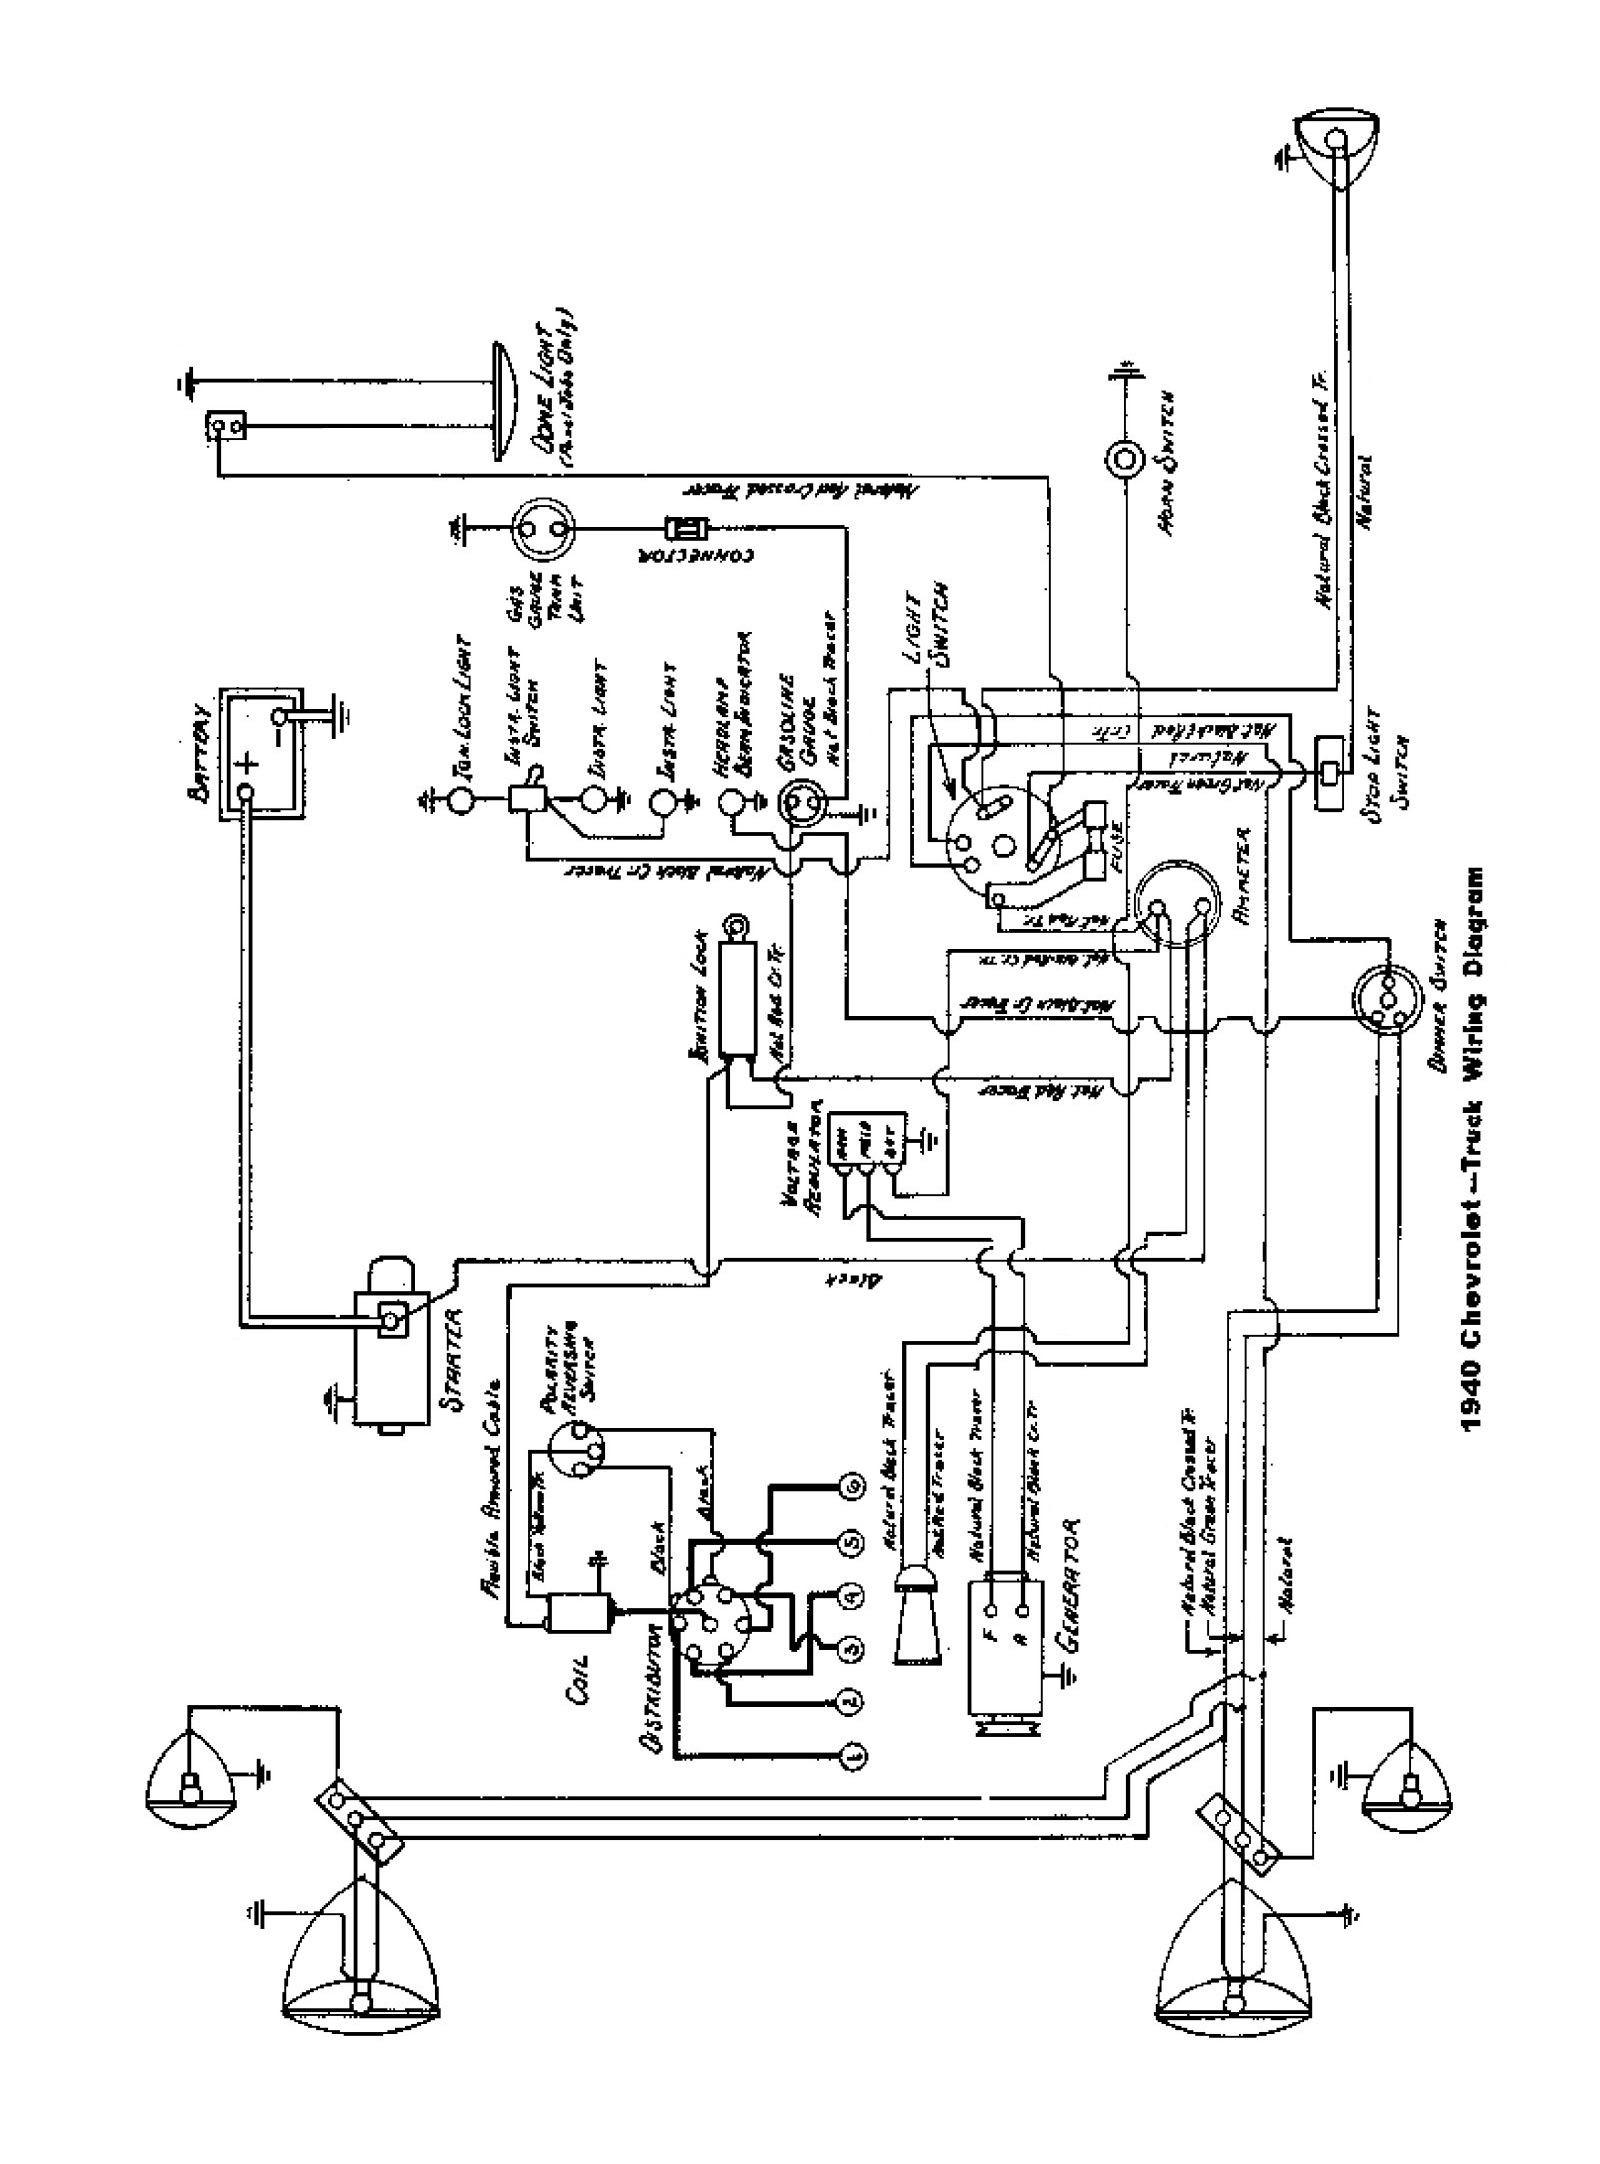 1940 Truck Wiring